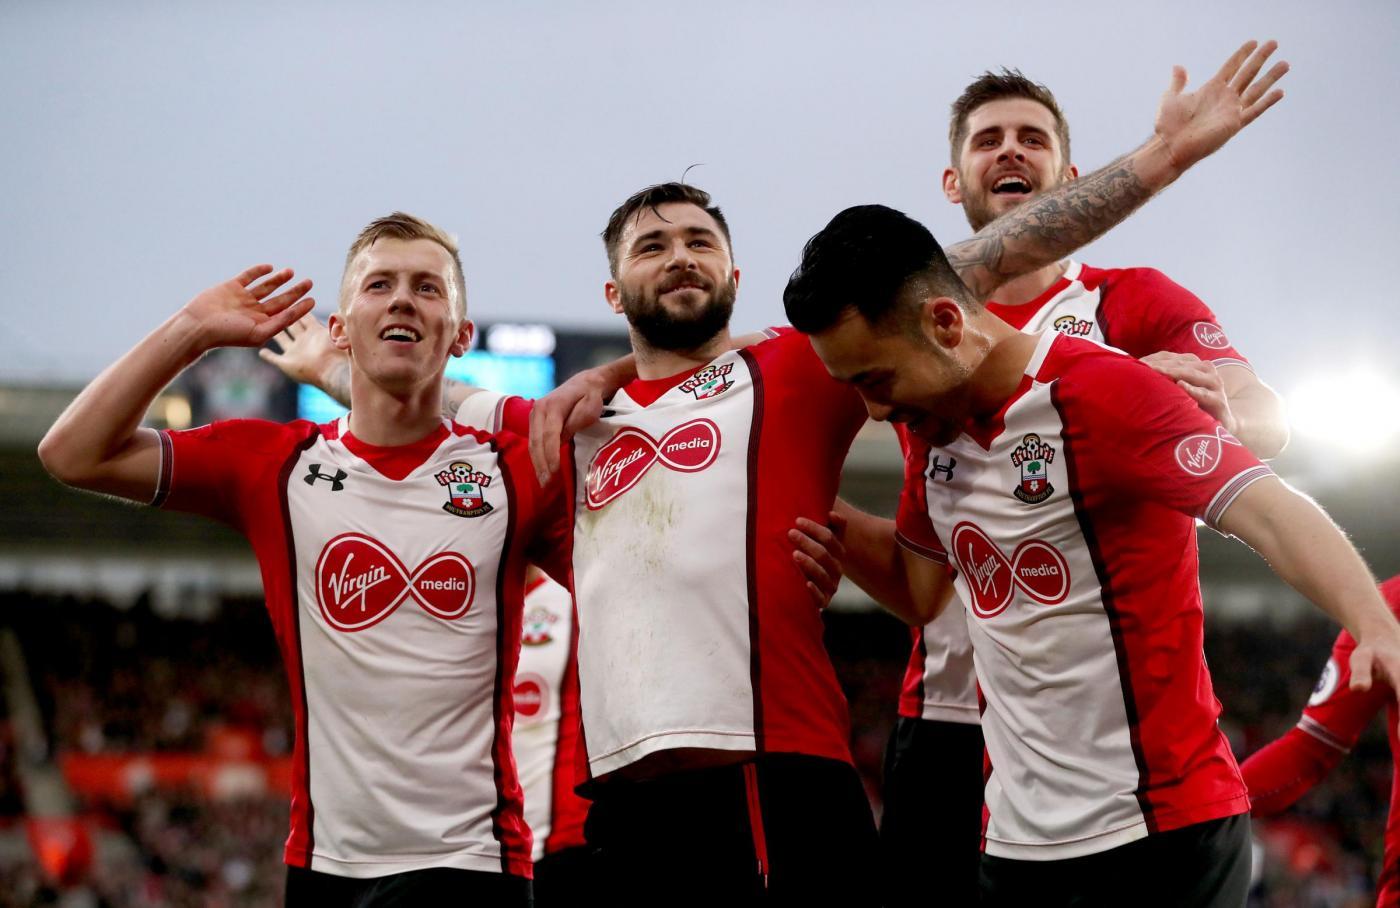 Southampton-Brighton 17 settembre: match valido per la quinta giornata del campionato inglese. Chi vince esce dalla bassa classifica.